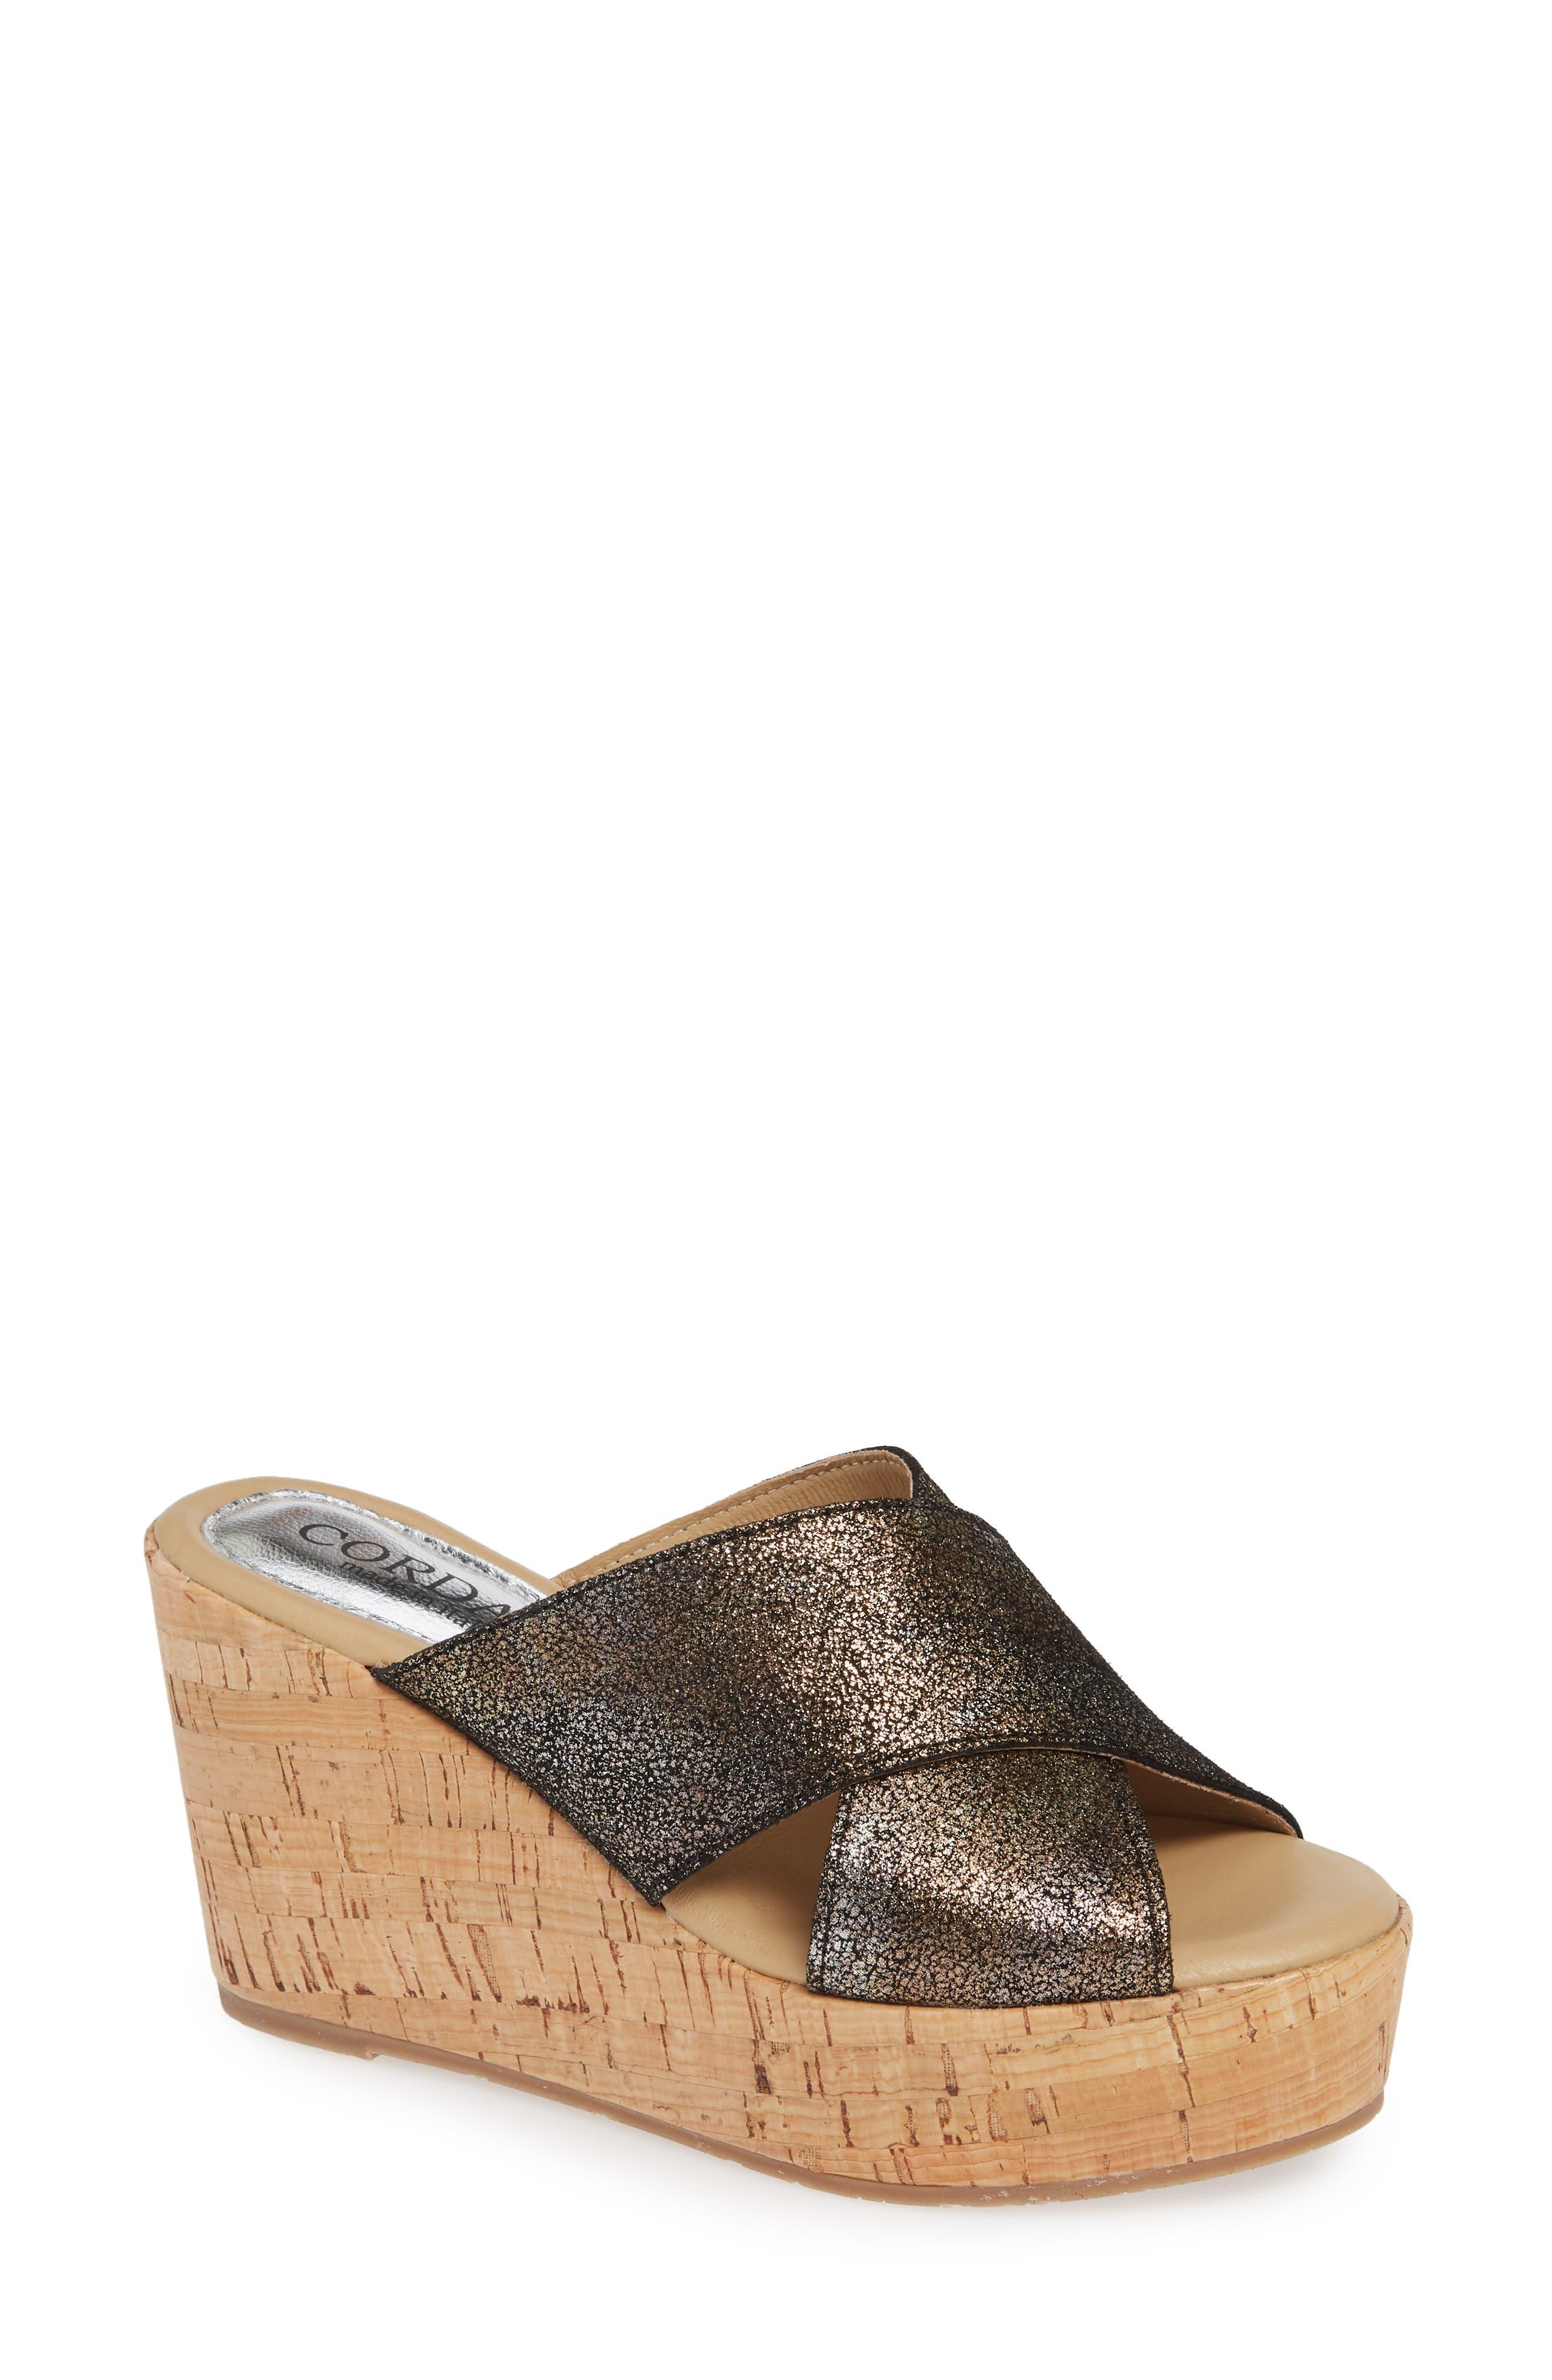 Cordani Jan Platform Wedge Slide Sandal - Metallic